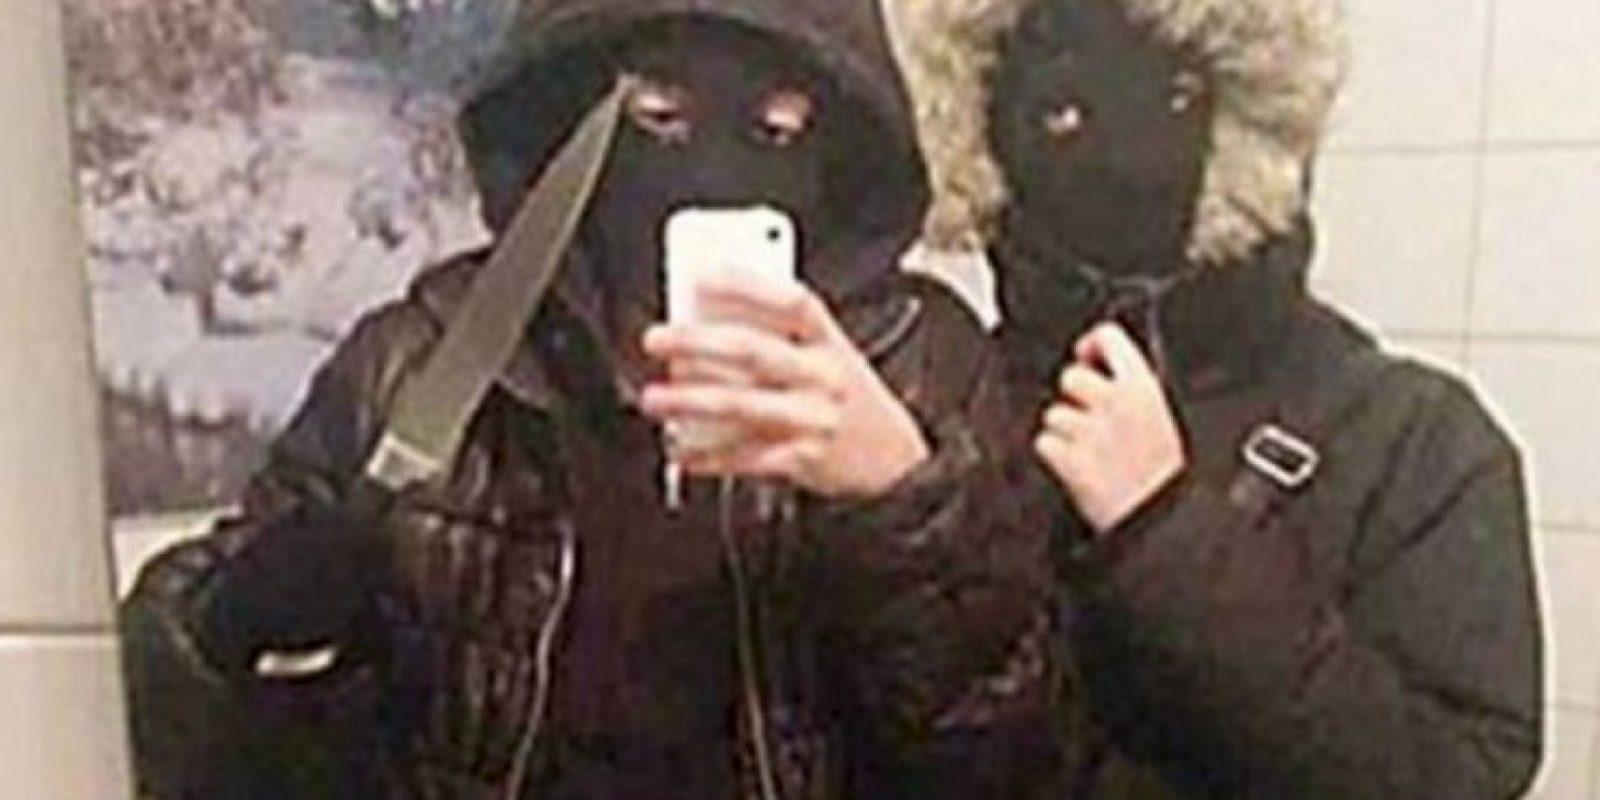 3. Robaremos y será genial: estas dos chicas suecas se tomaron este selfie antes de asaltar un local de hamburguesas del que robaron 400 dólares. Fueron arrestadas. Foto:Twitter